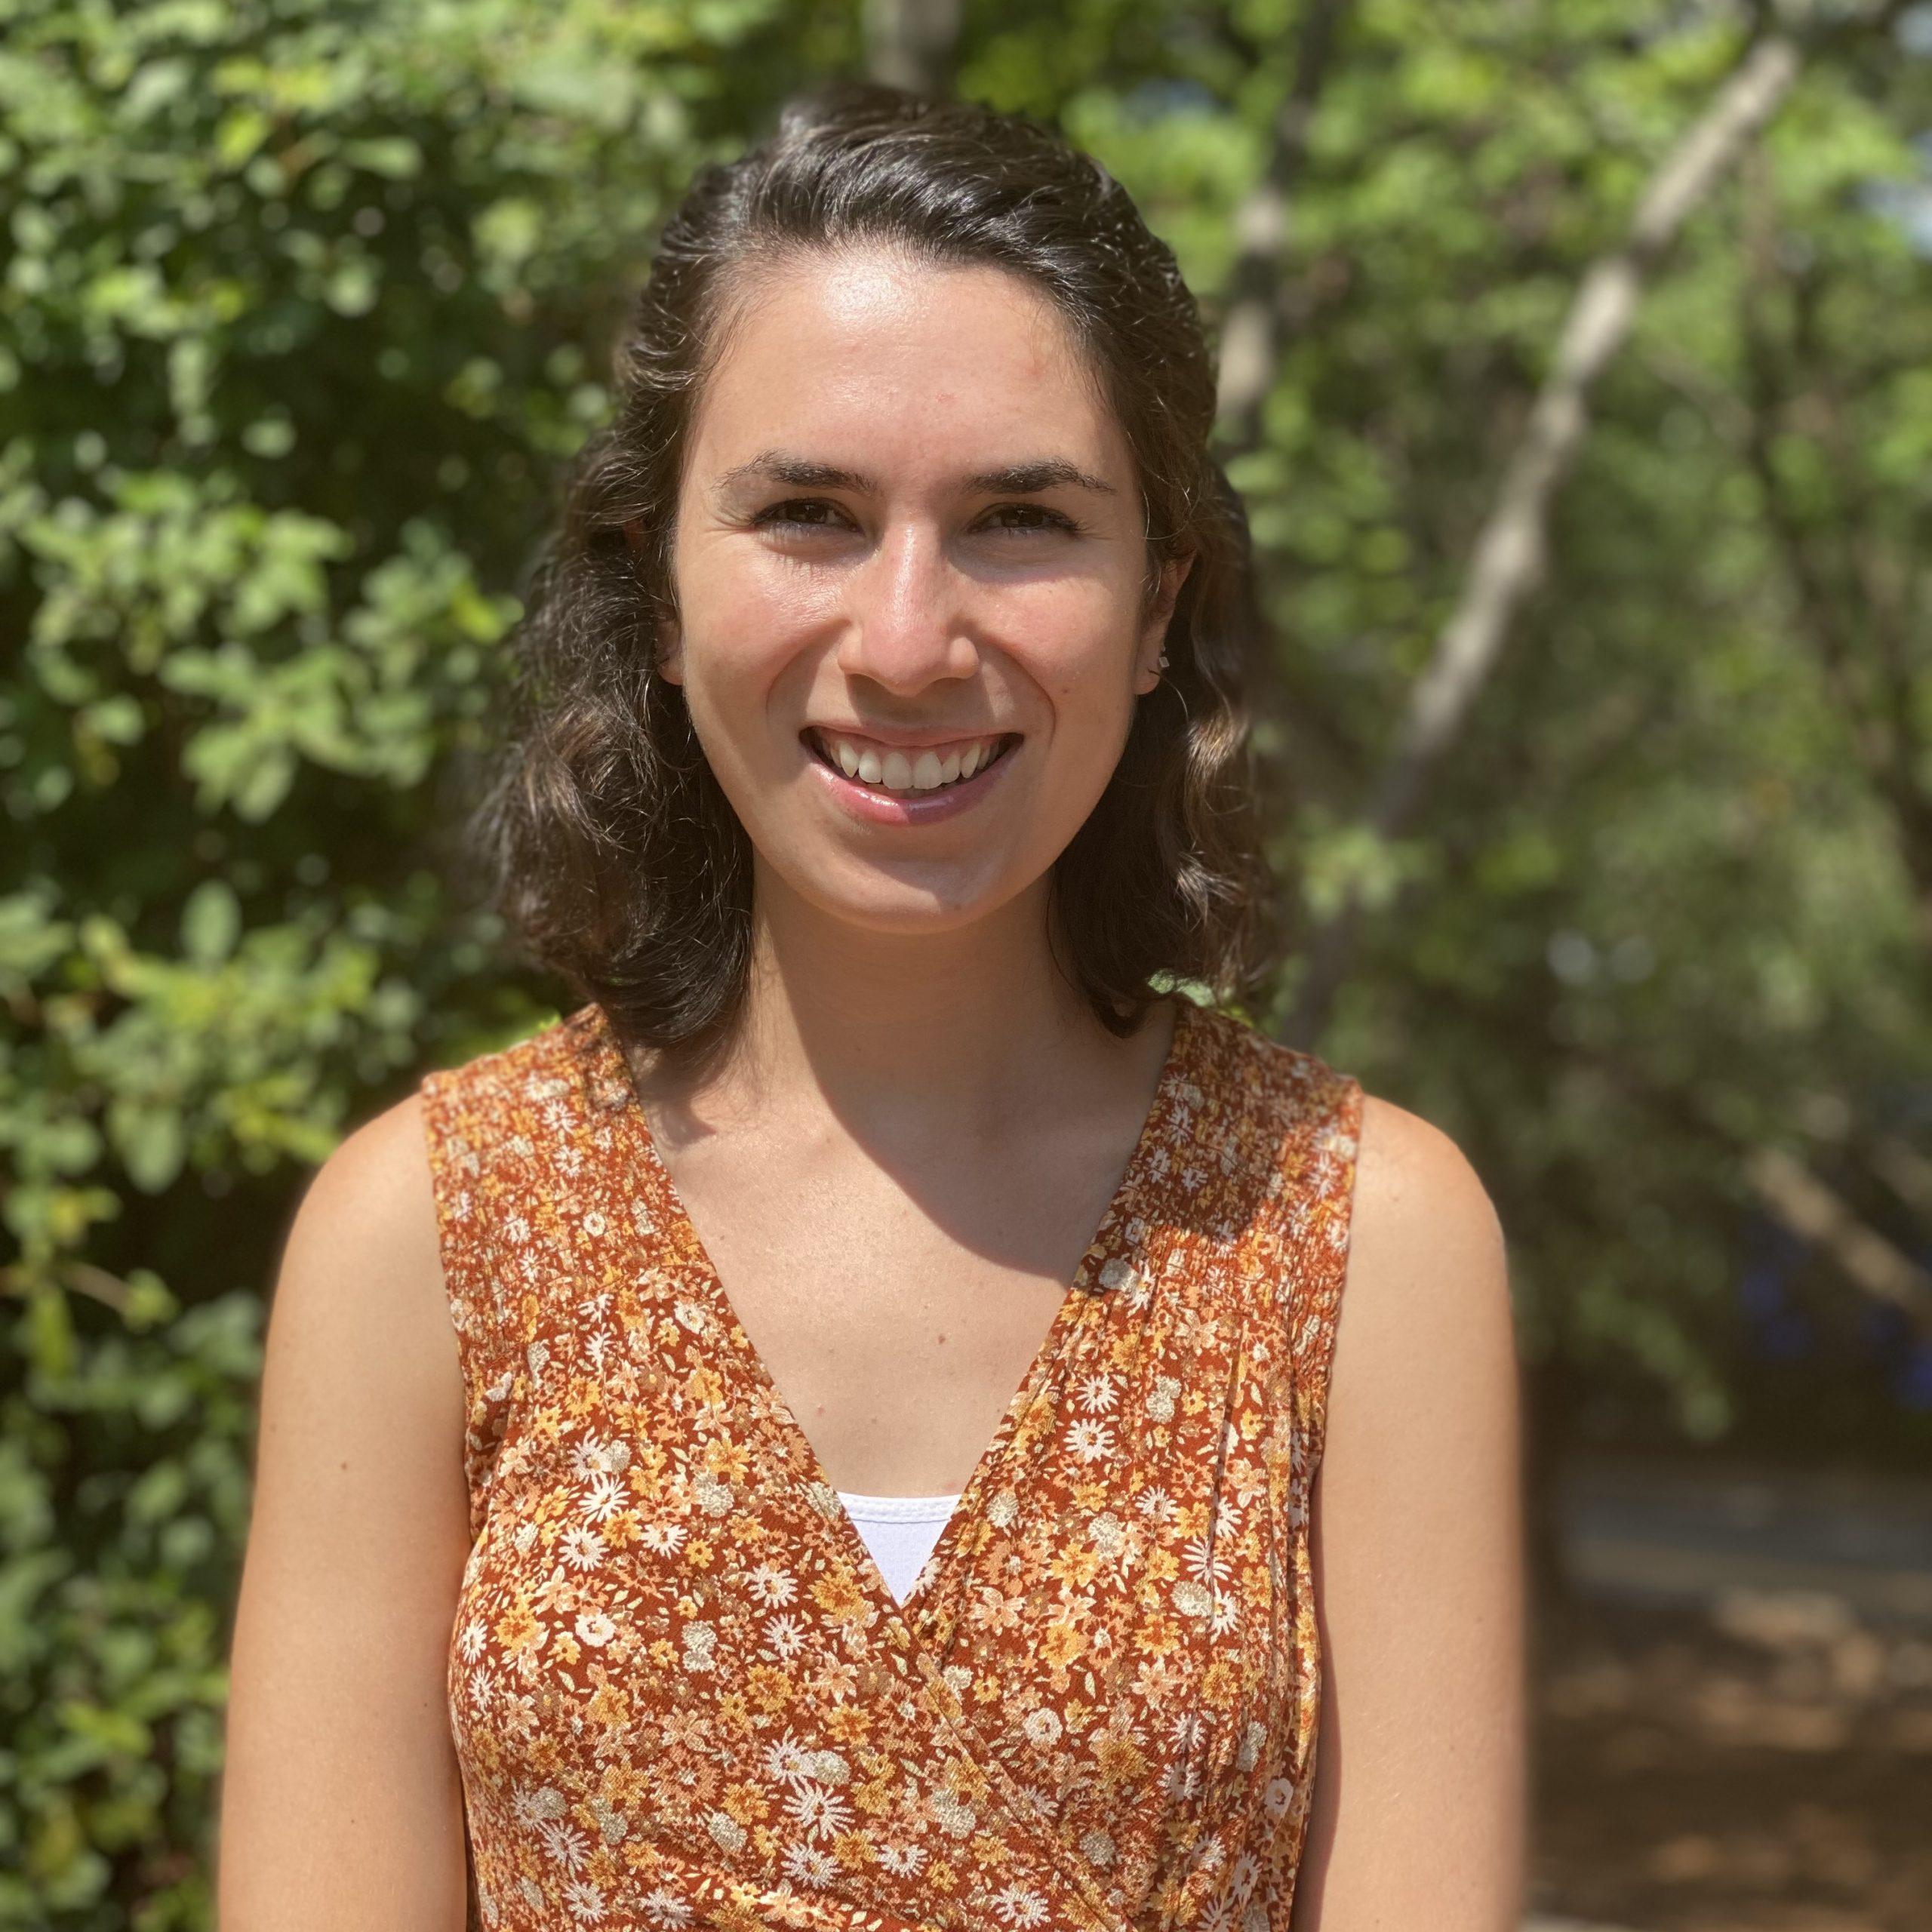 Hannah Neukrug